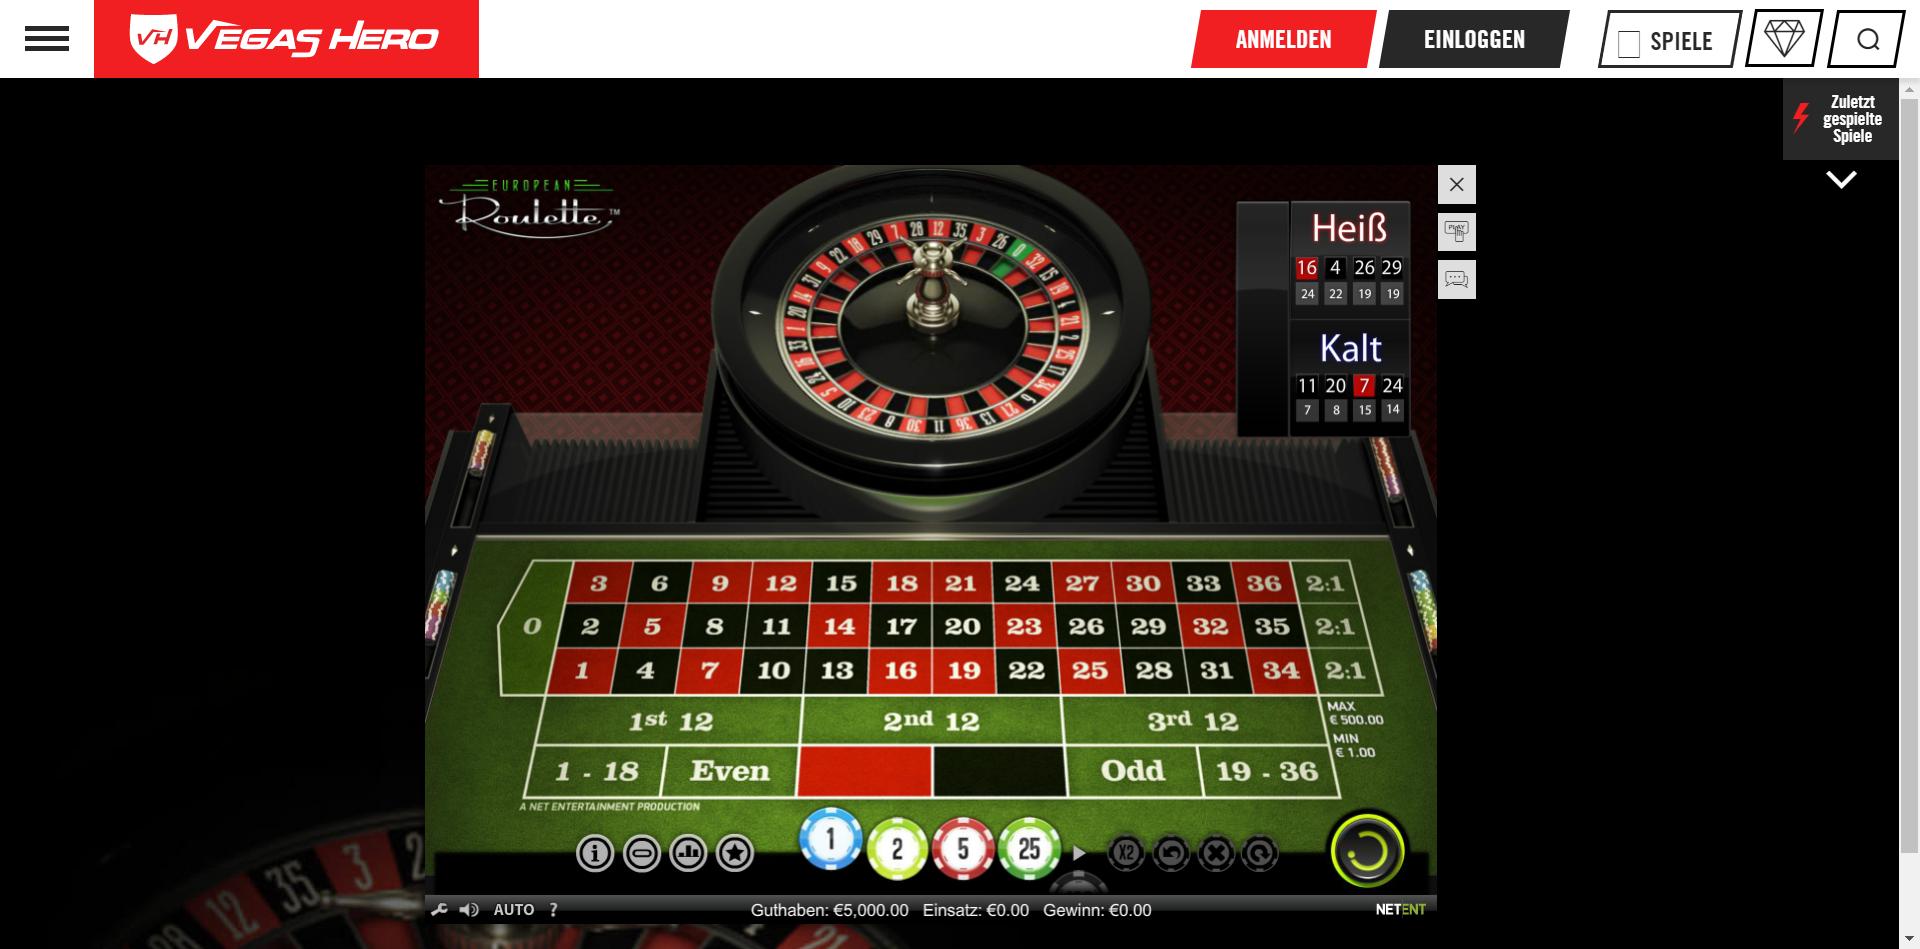 Roulette Spiel regeln - 815555